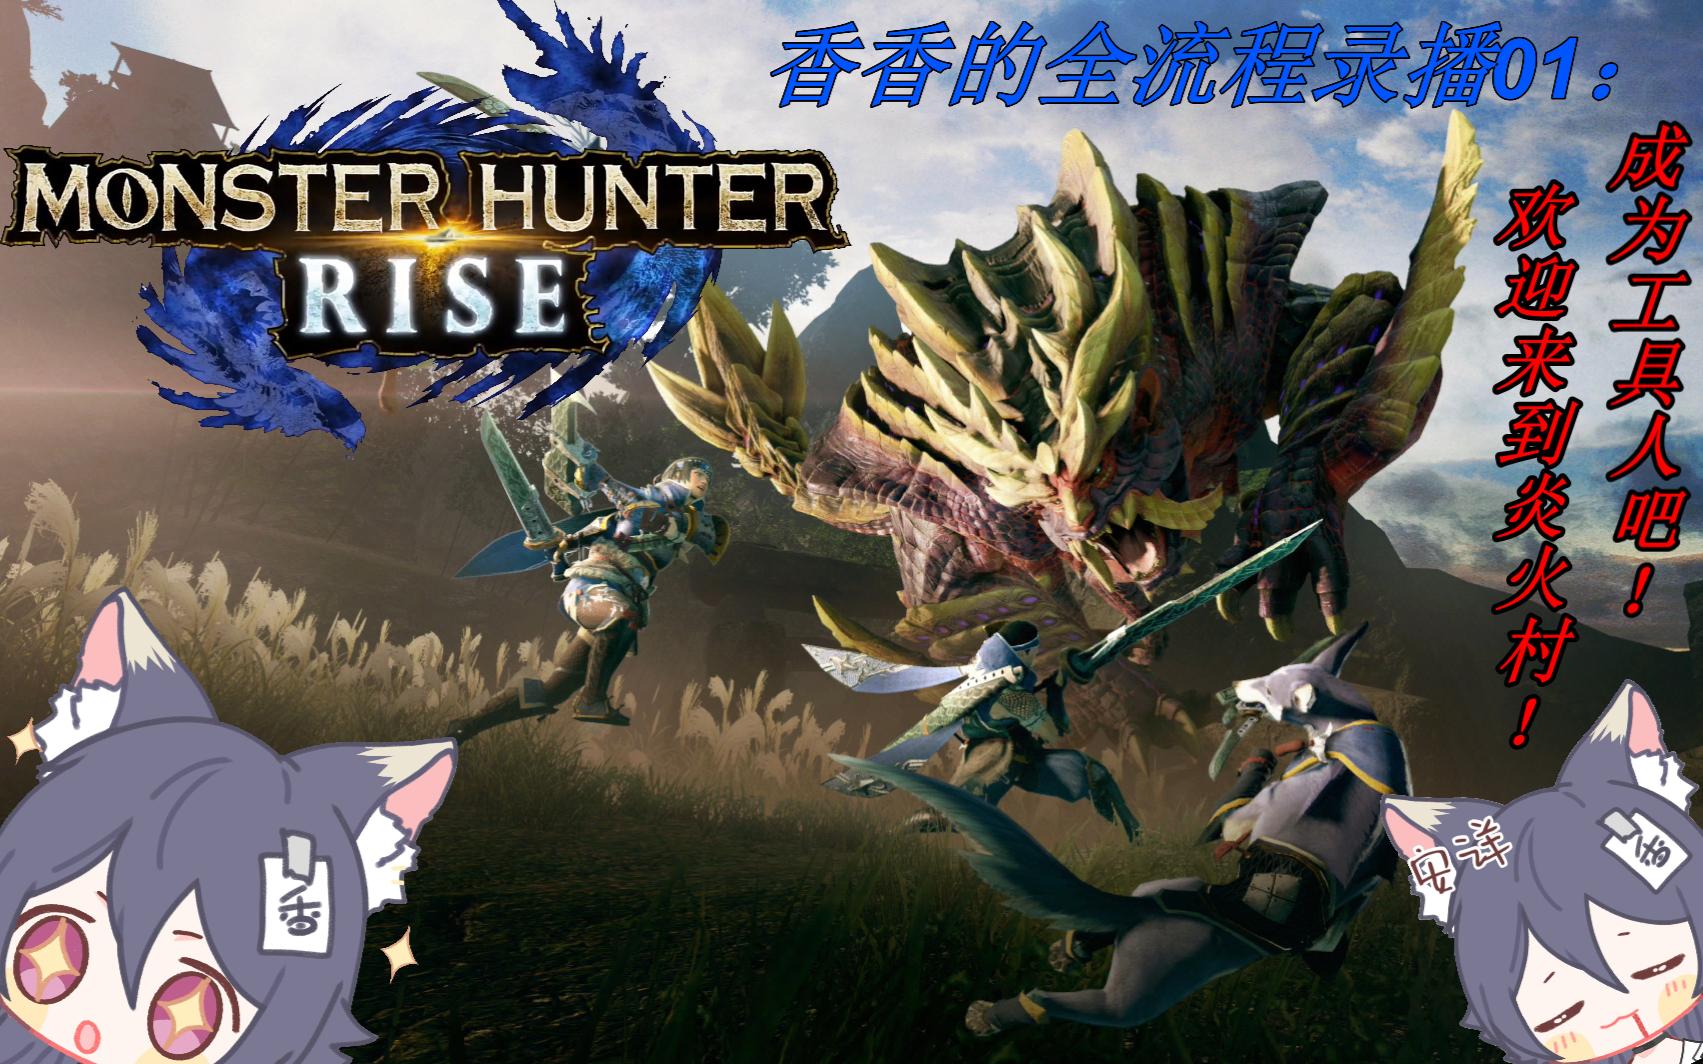 【怪物猎人Rise】香香的MHR全流程录播01:成为工具人吧!欢迎来到炎火村!